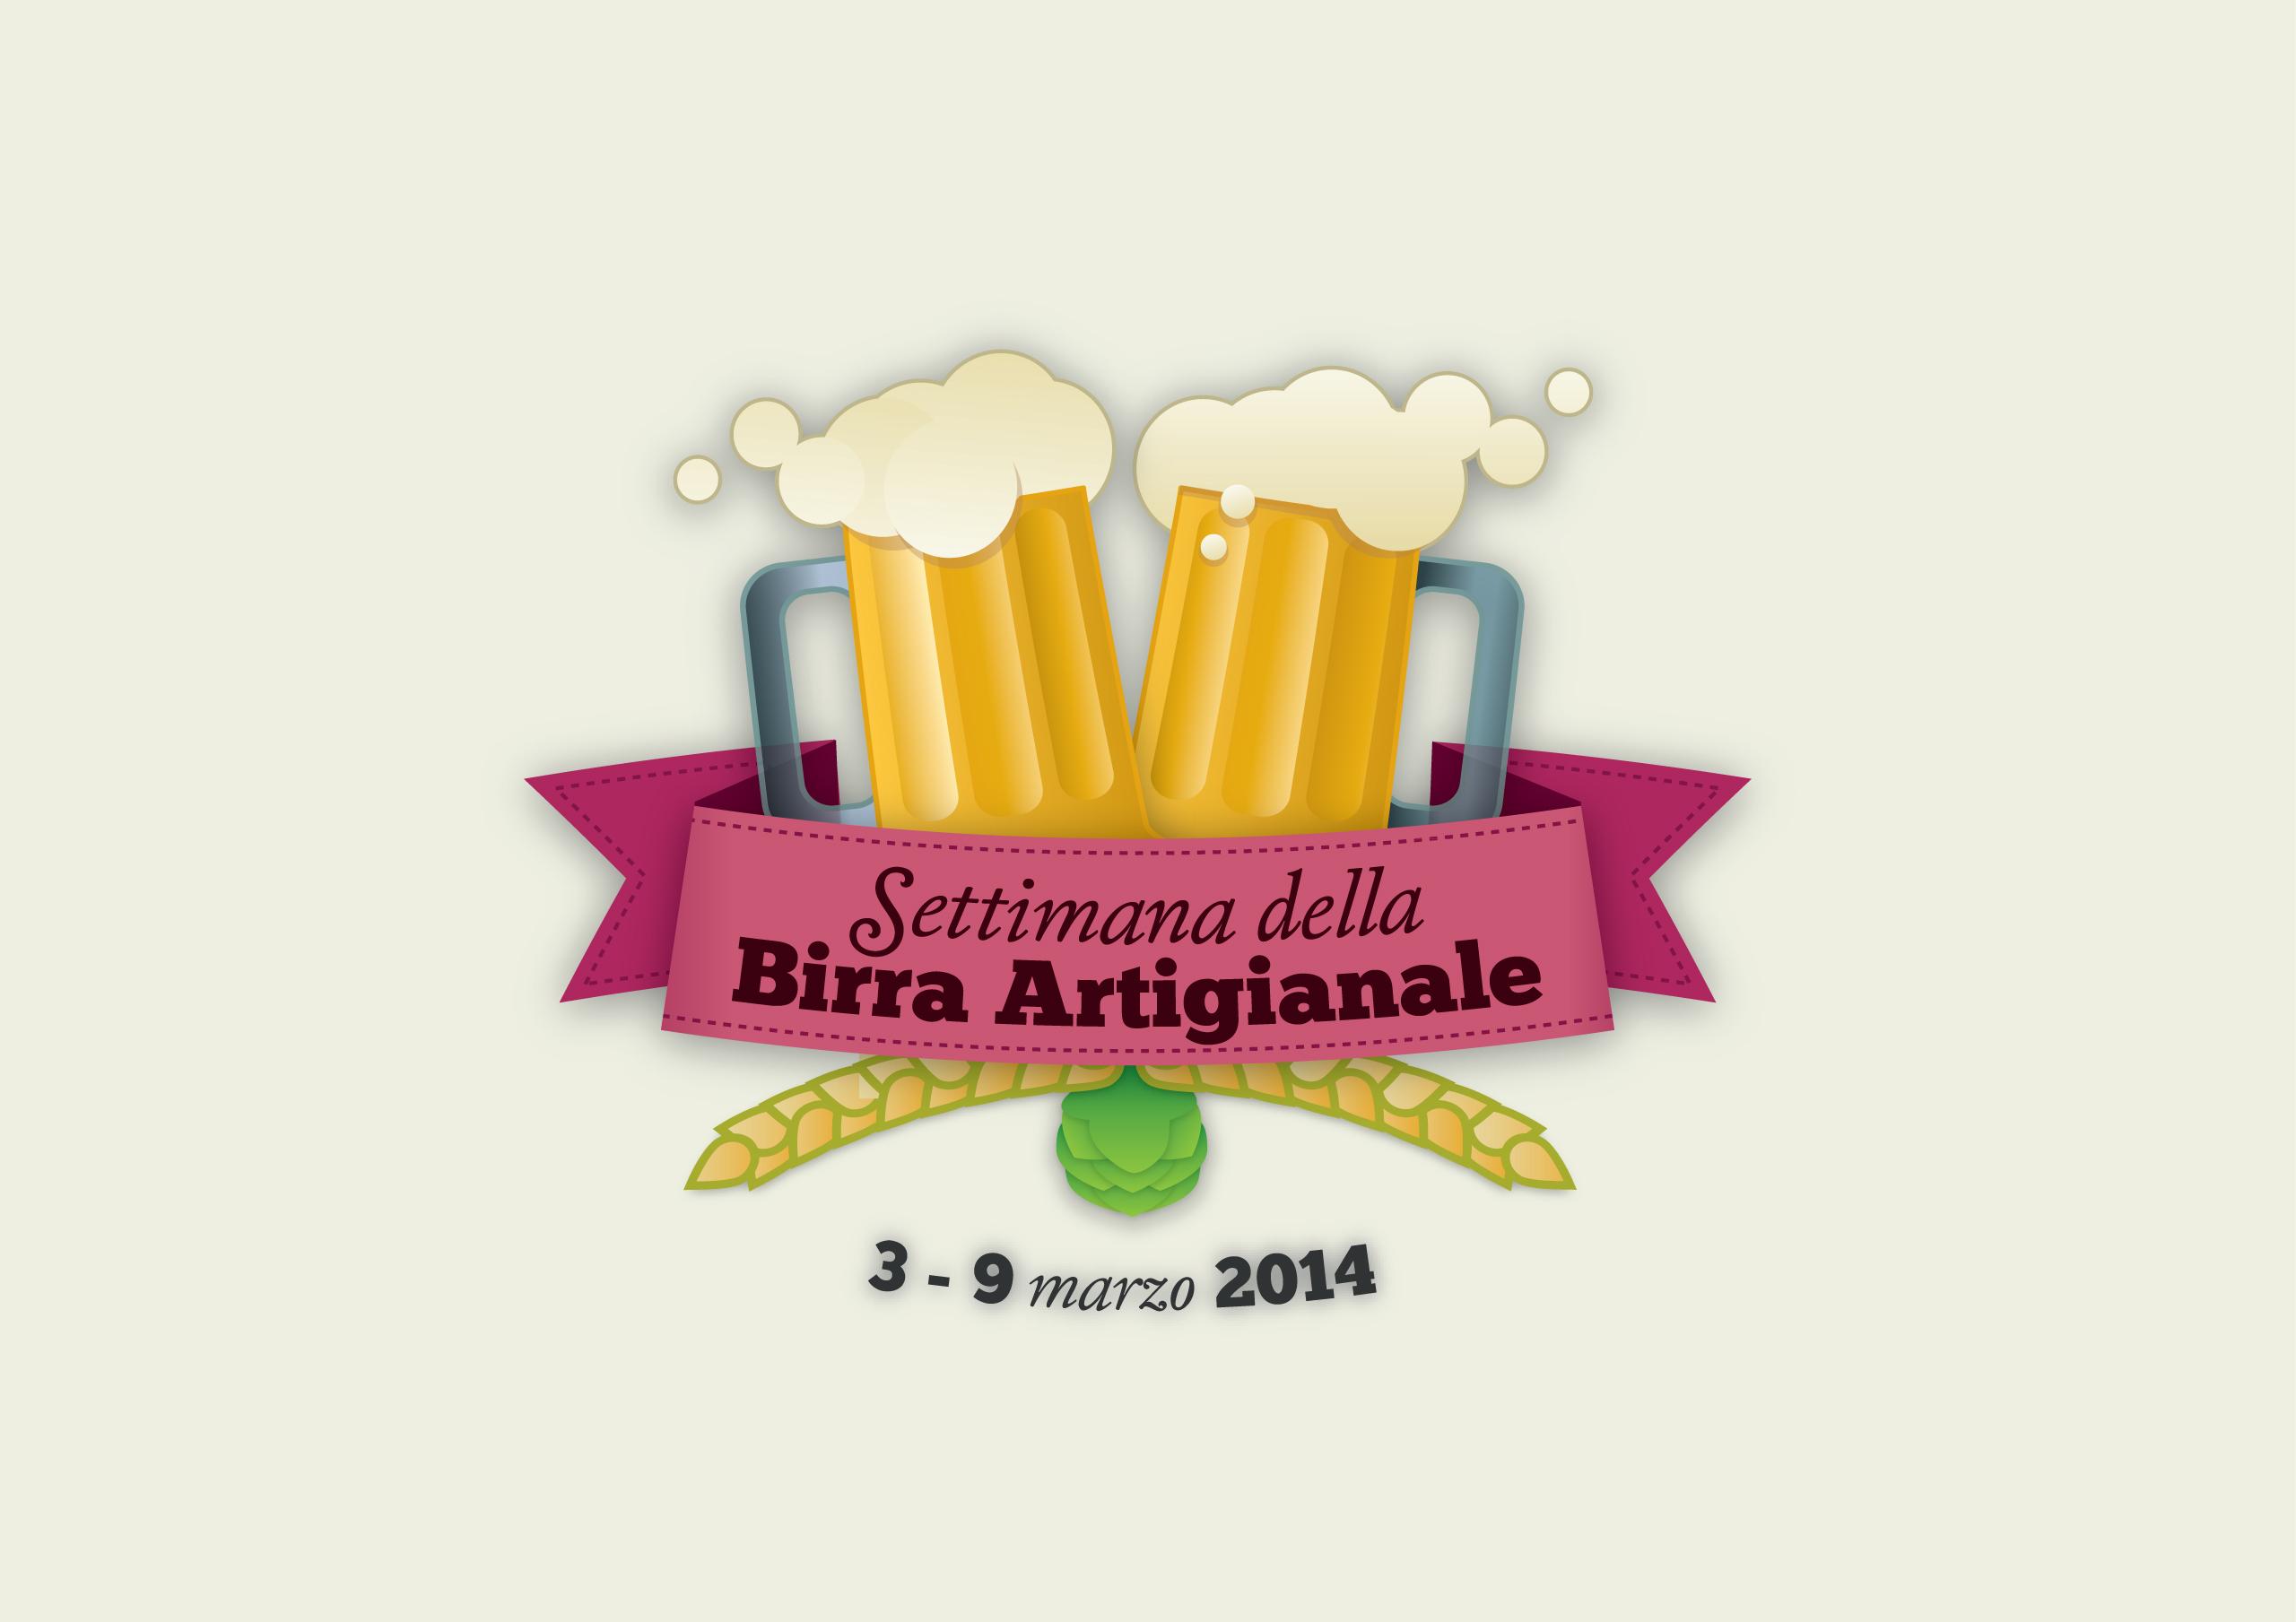 La Settimana della Birra Artigianale